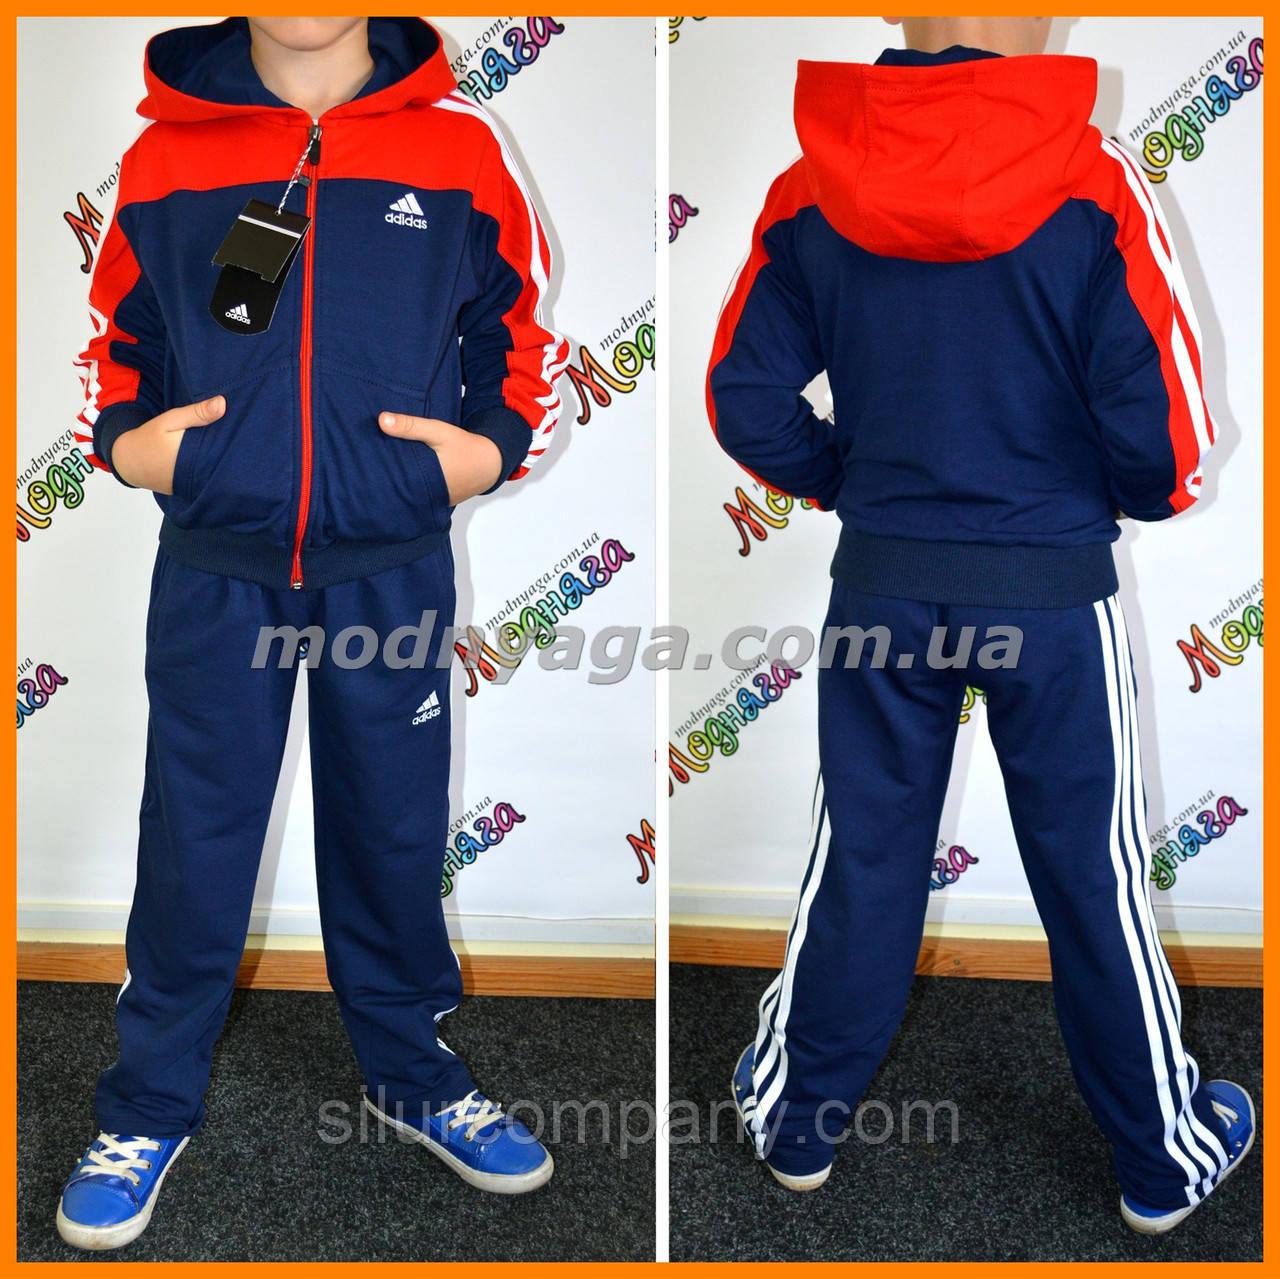 67f7f7d7 Детская одежда оптом интернет магазин   Утепленные костюмы адидас оптом - Интернет  магазин